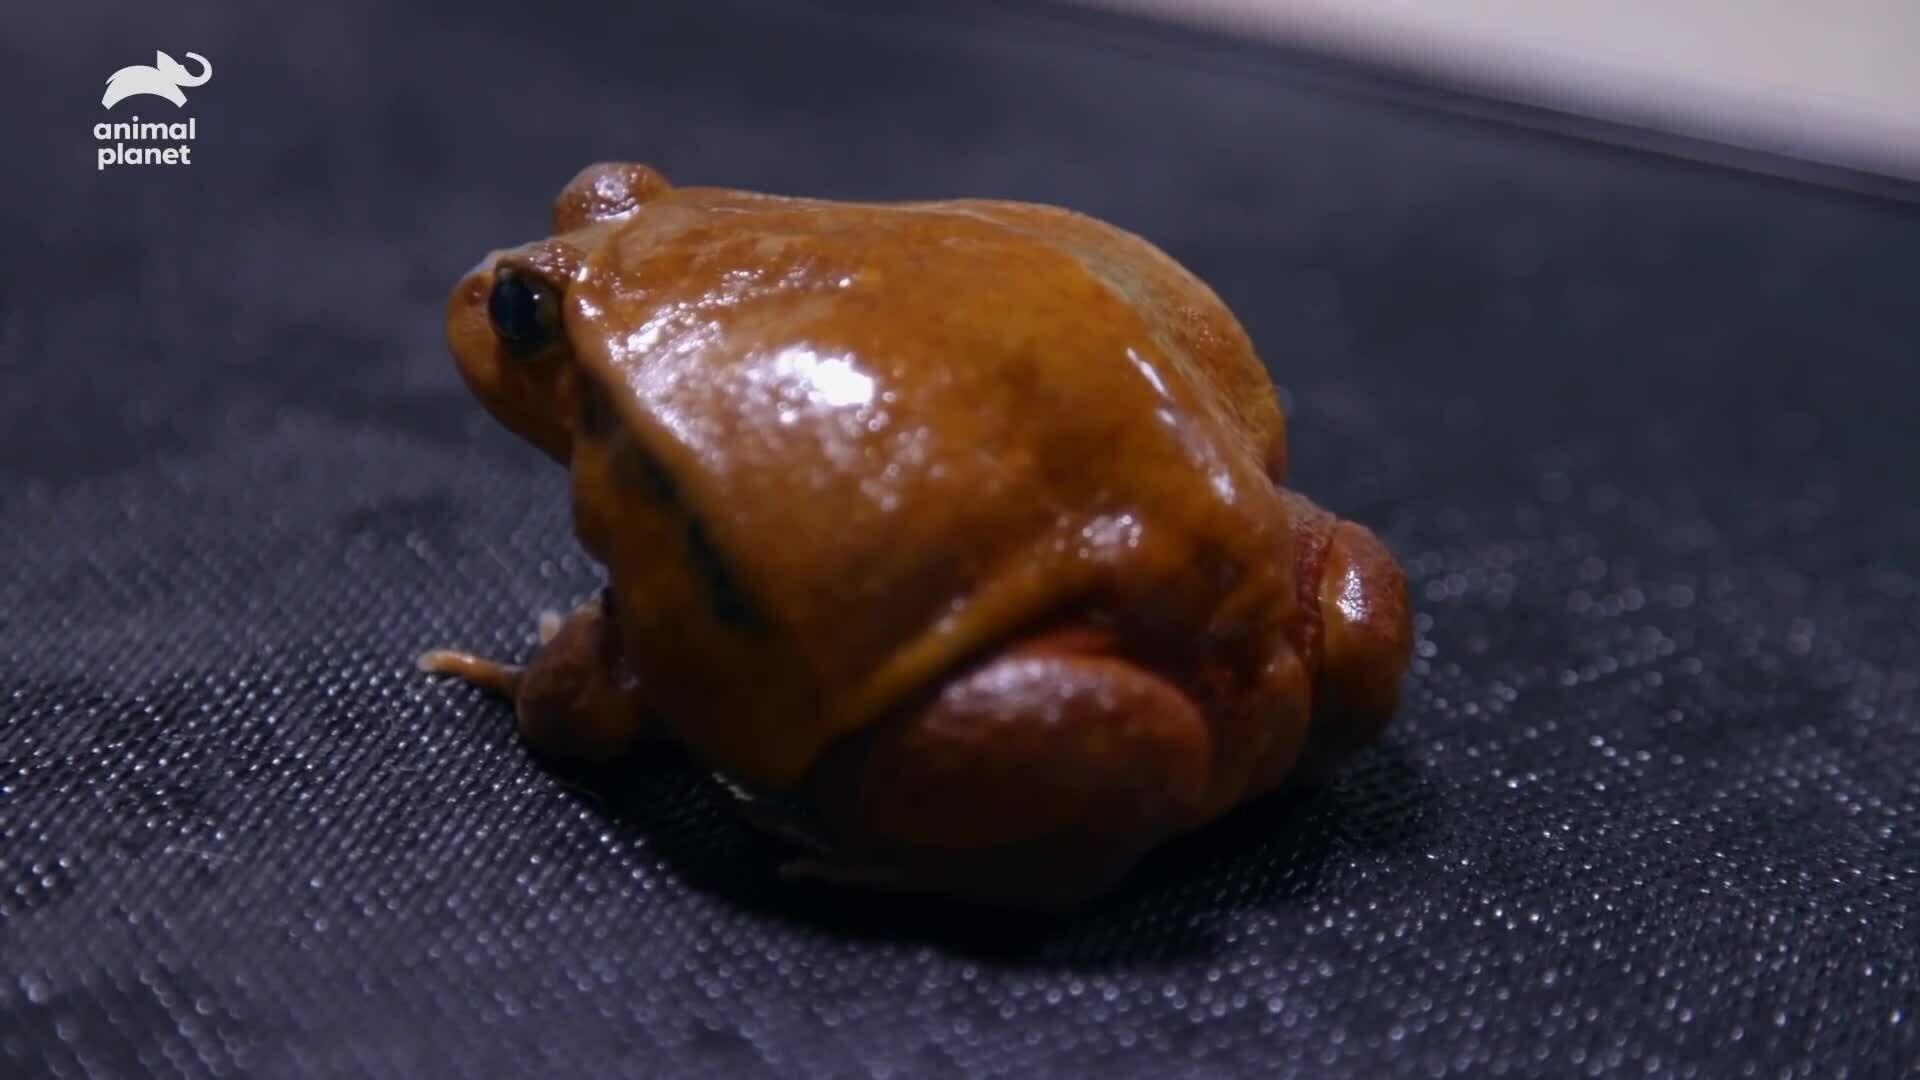 Loài ếch 'thổi phồng' cơ thể để lừa kẻ thù